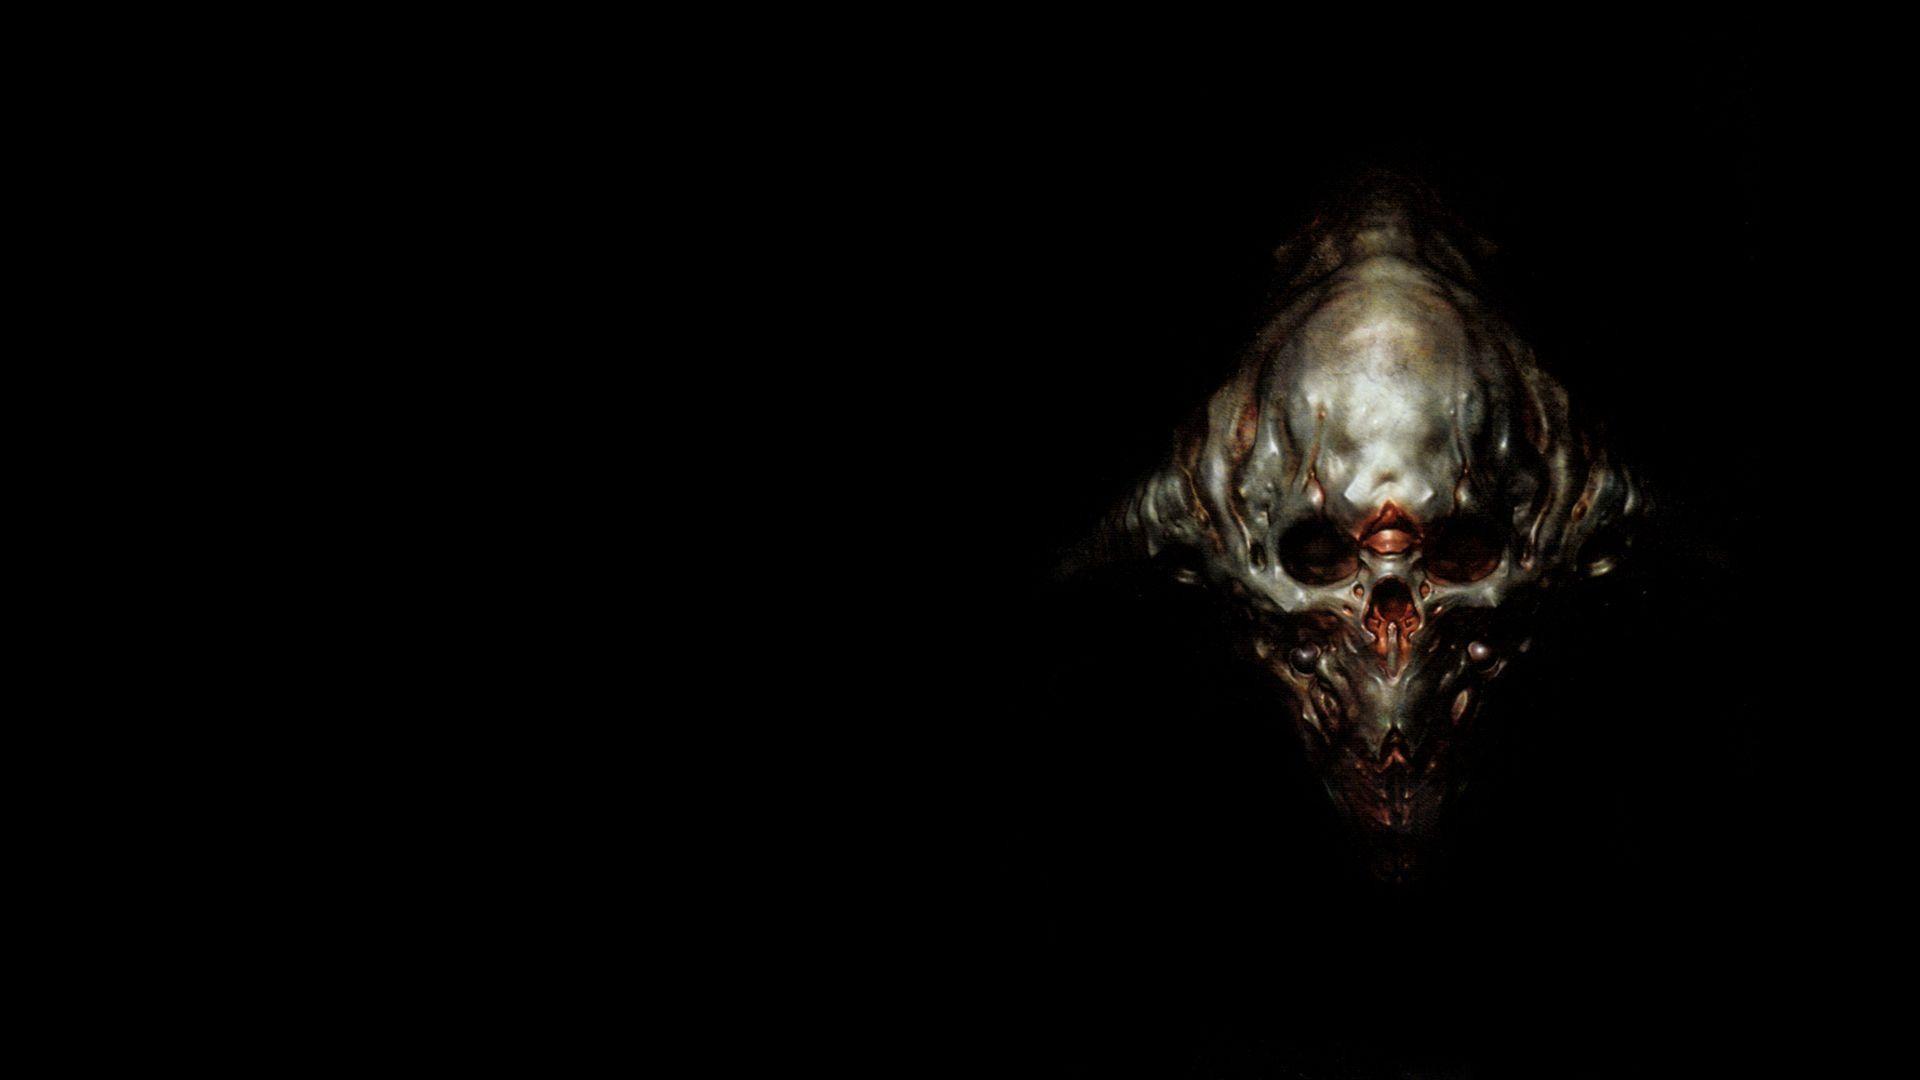 Doom 3 Skull wallpaper